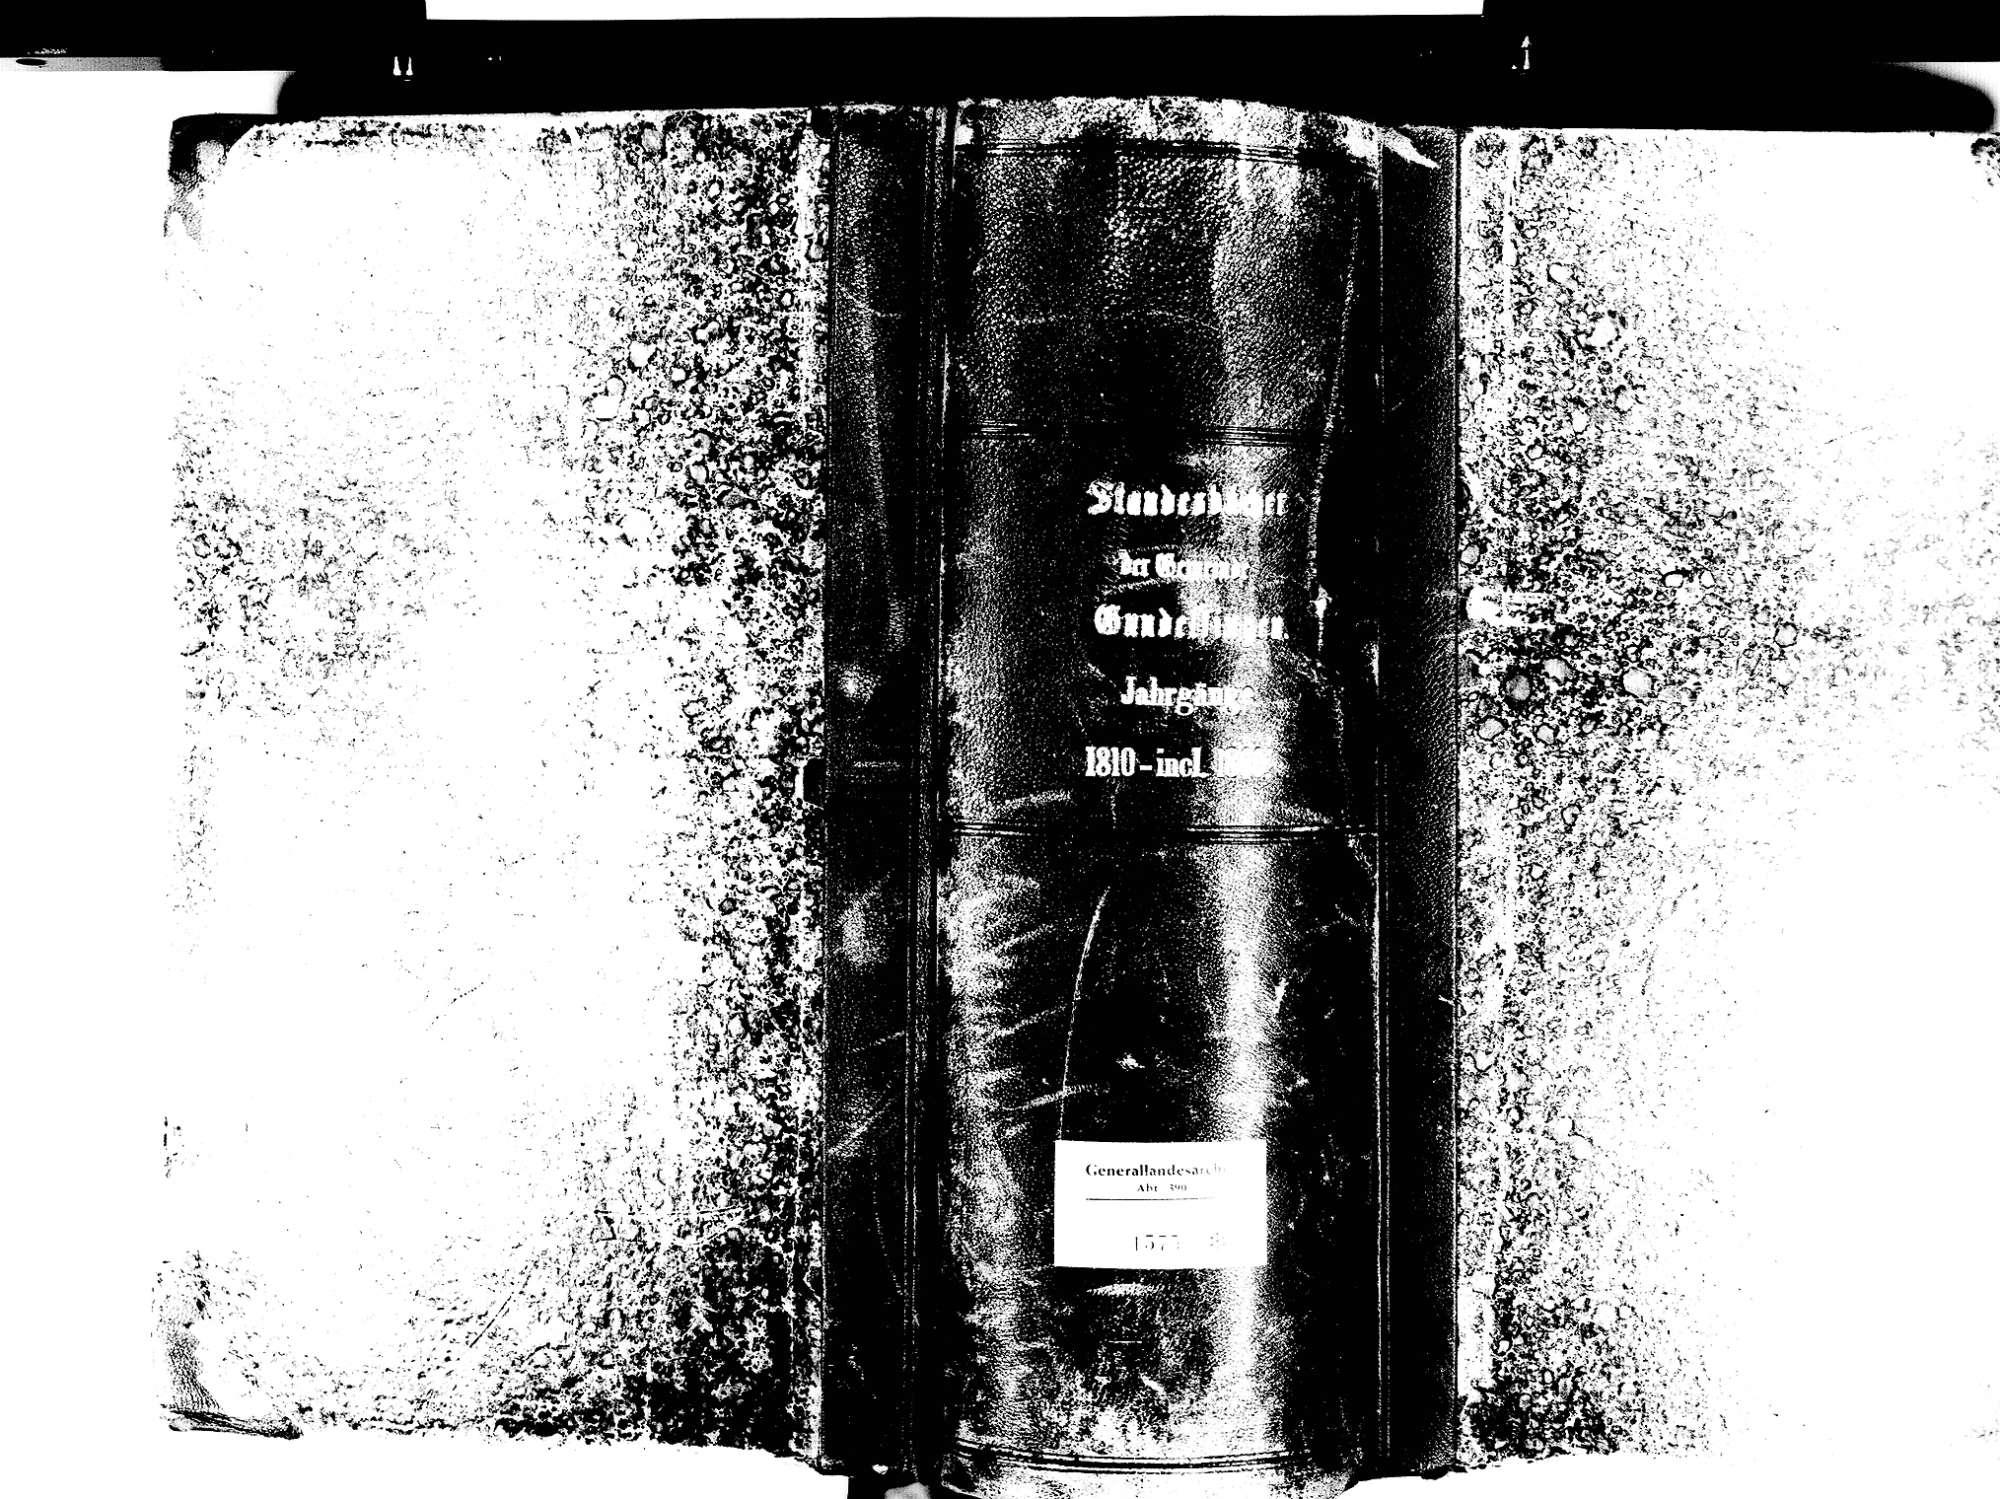 Gundelfingen FR; Evangelische Gemeinde: Standesbuch 1810-1869, Bild 1